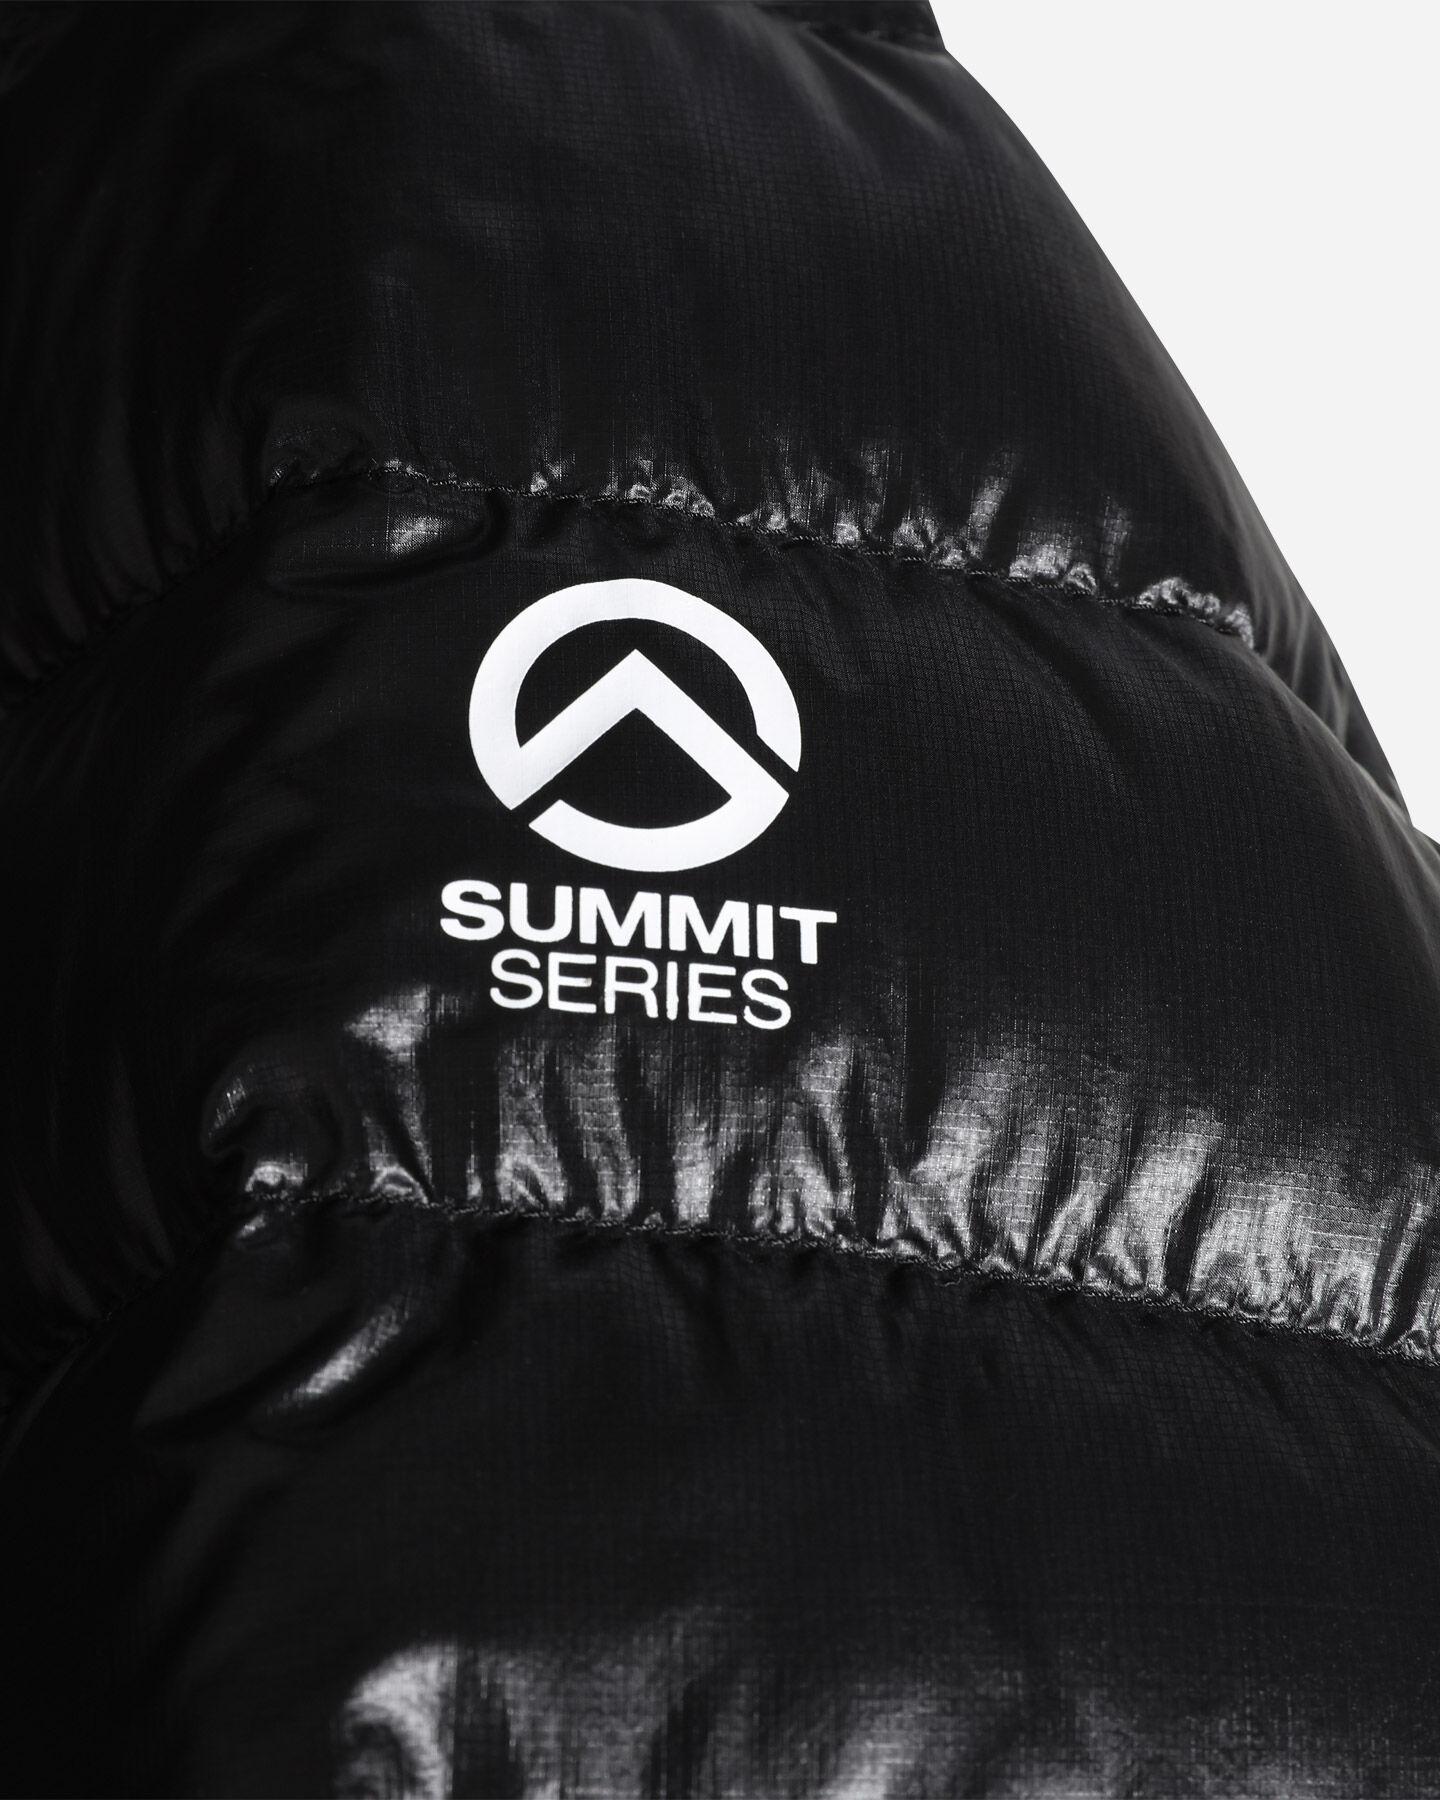 Piumino THE NORTH FACE SUMMIT W S5243080 scatto 3